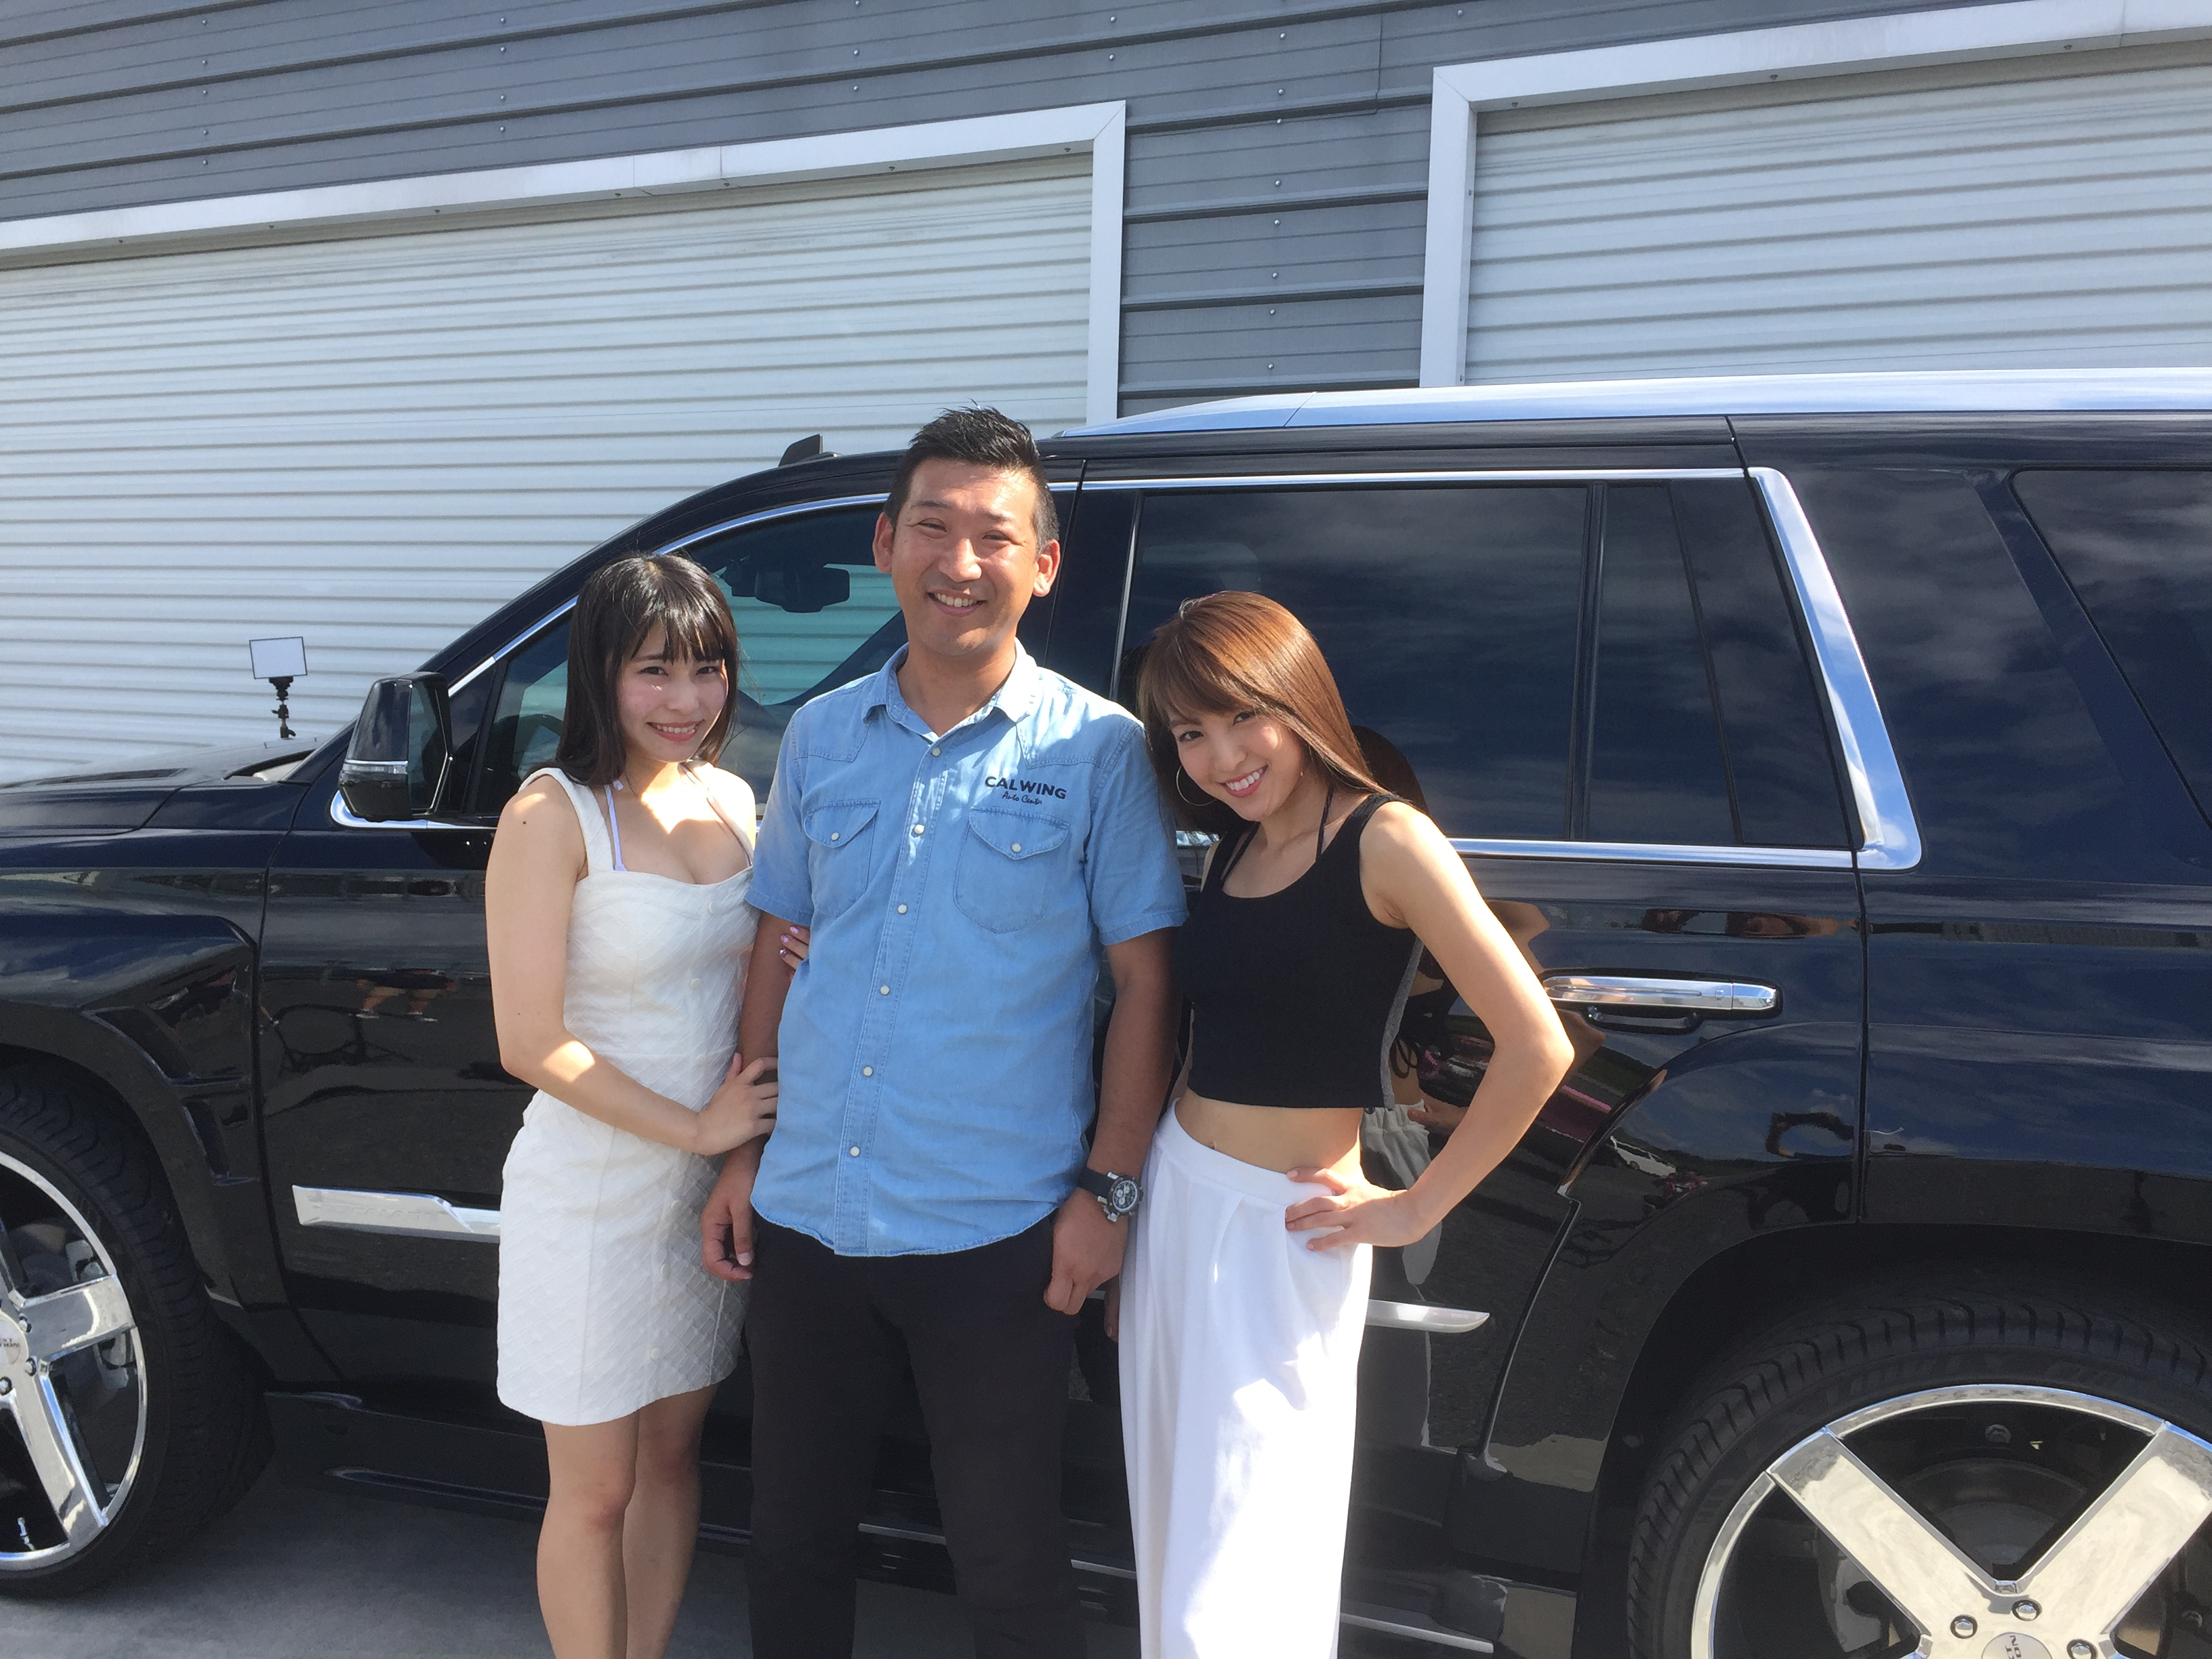 雑誌A-CARSの取材でモデルの佐山みさきさん、アイドルユニットblingblingの塚田綾佳さんが遊びに来てくださいました! | キャルウイング | 輸入車販売店